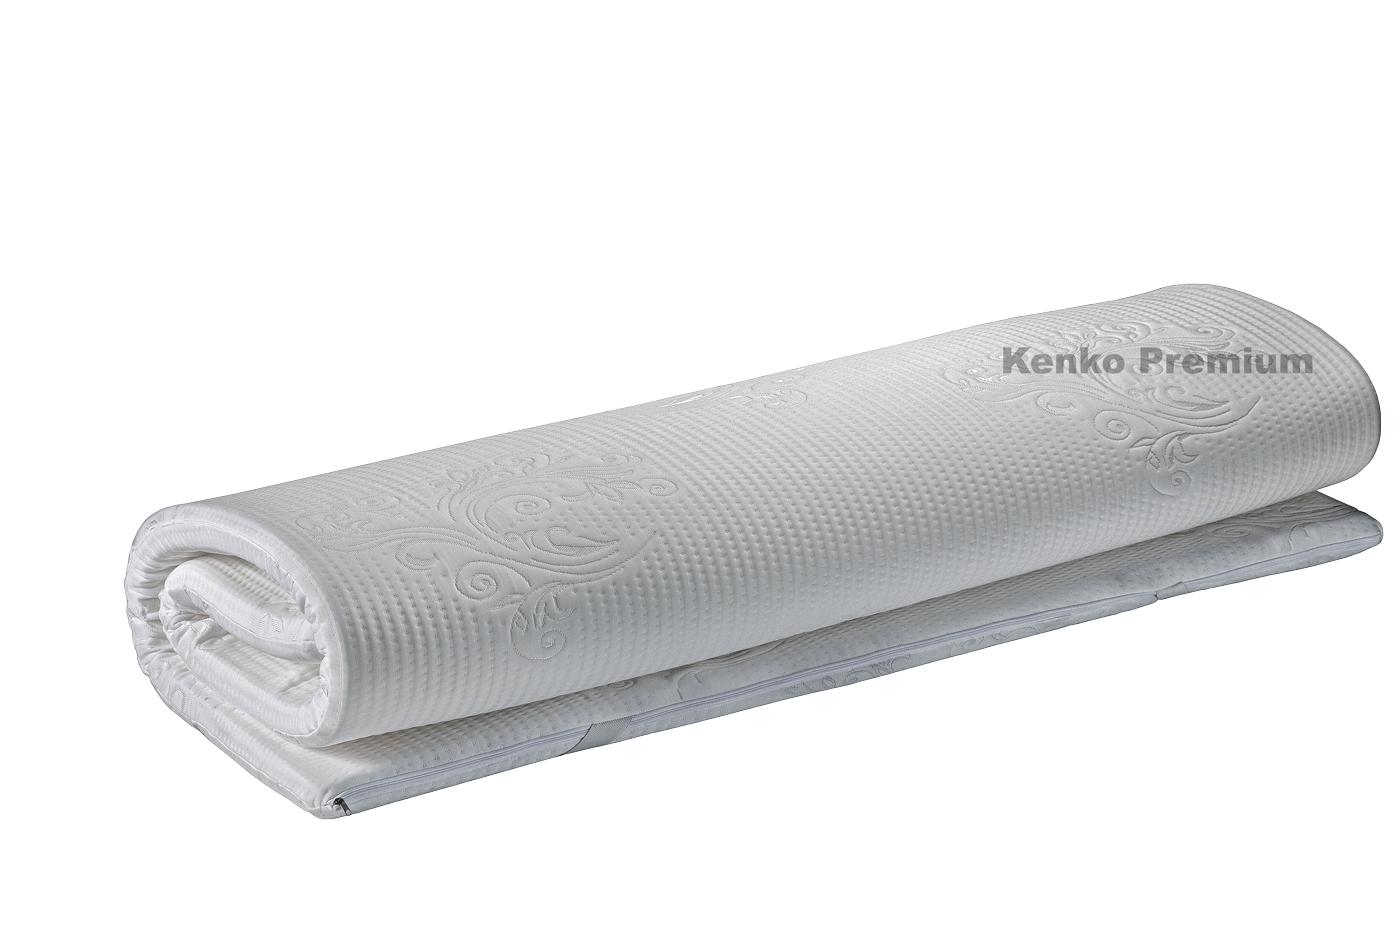 Pilow Top Hr Látex Para Colchão Kenko Premium Com Elásticos Fixação  - Kenko Premium Colchões